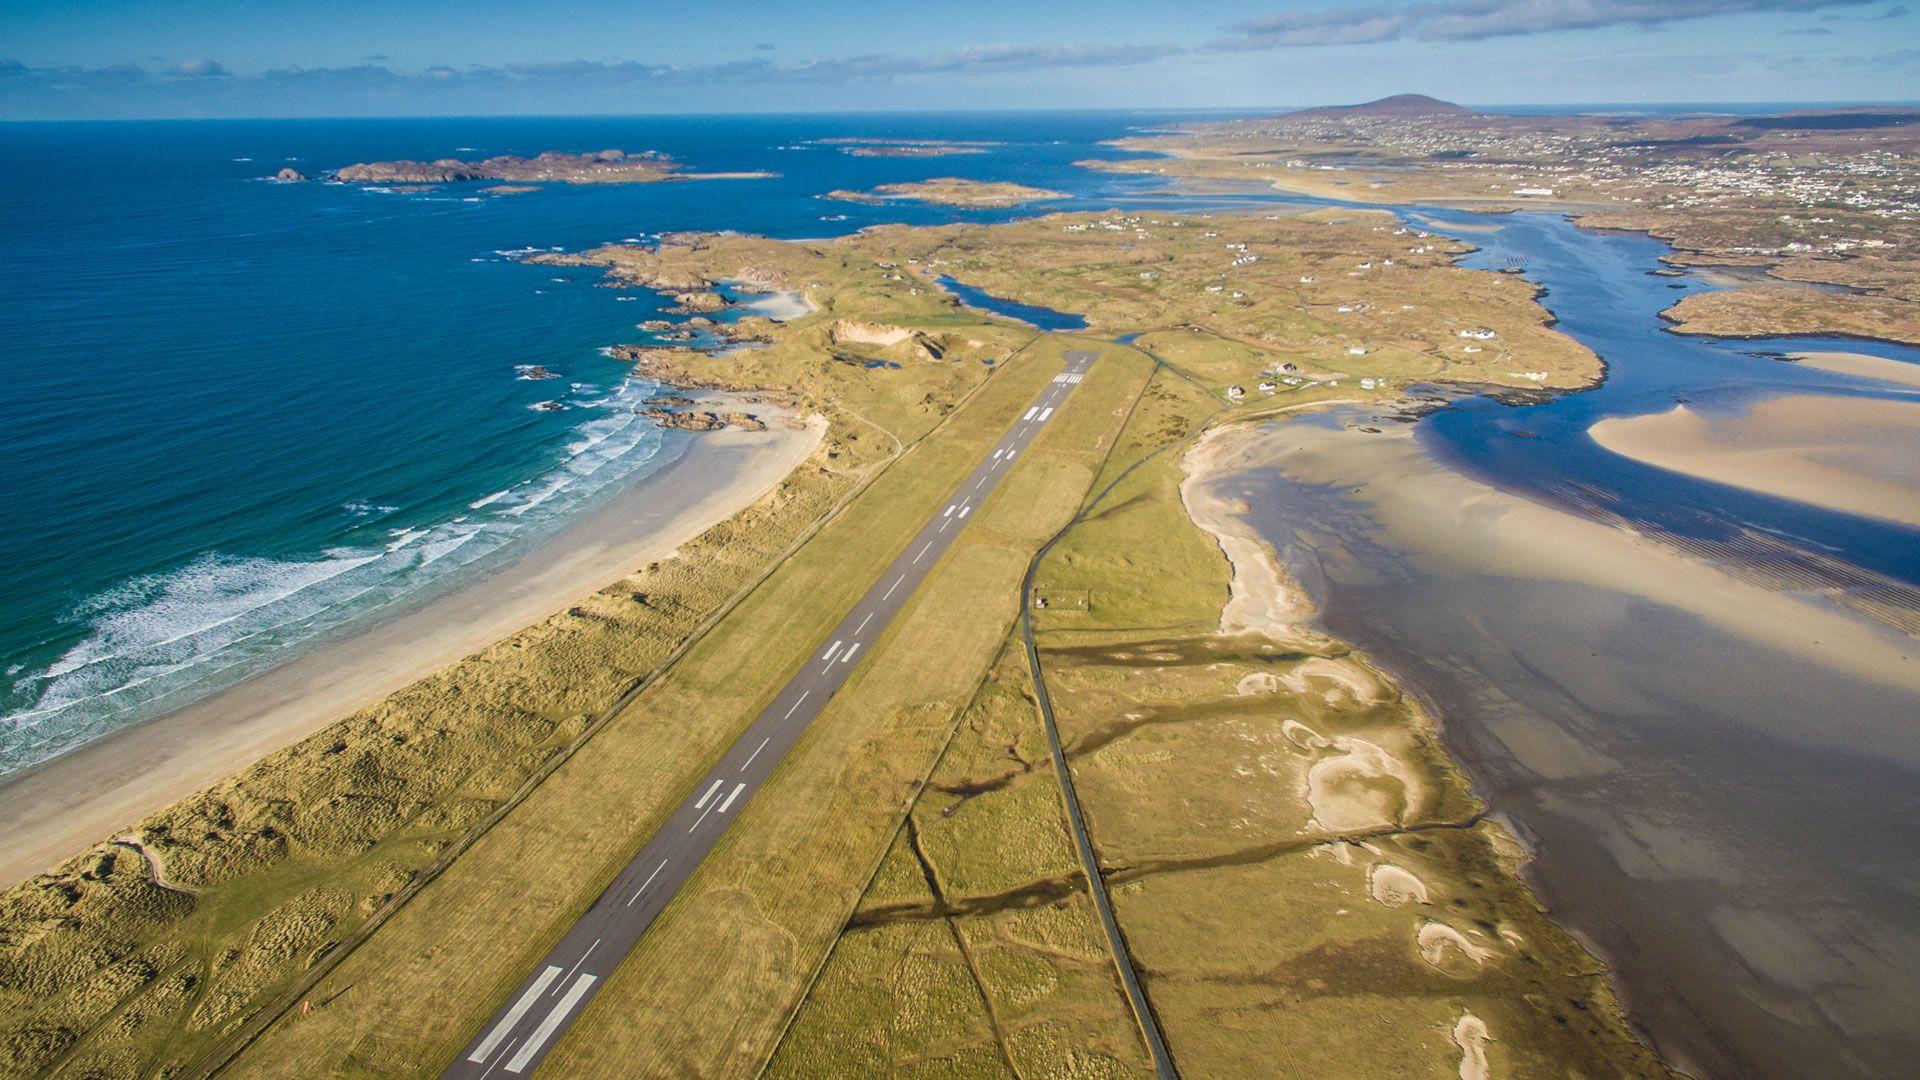 Estos son los aeropuertos más lindos y atractivos para aterrizar